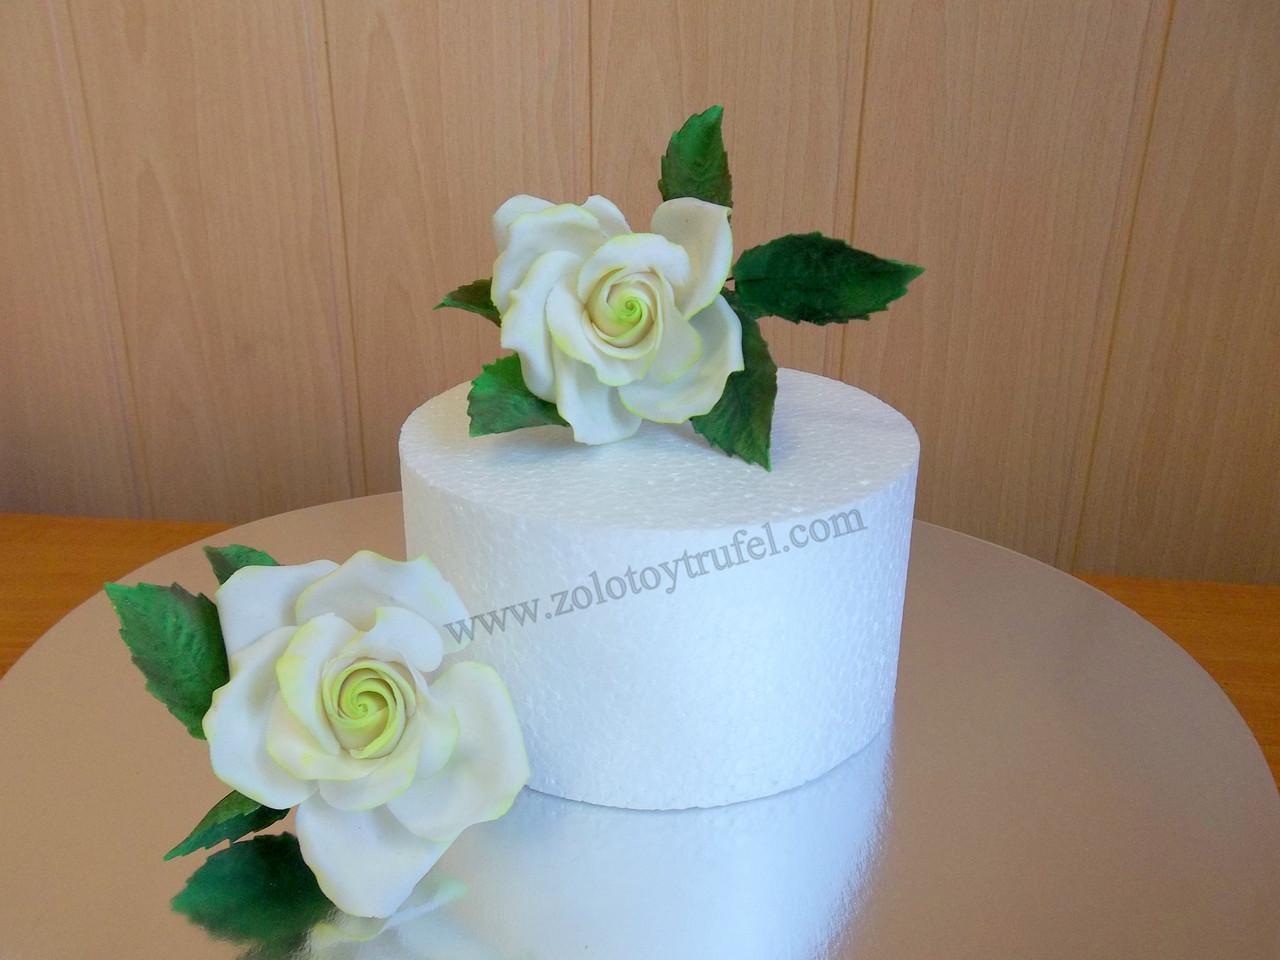 Муляж для торта из пенопласта - круг Ф 20 см h 10 см